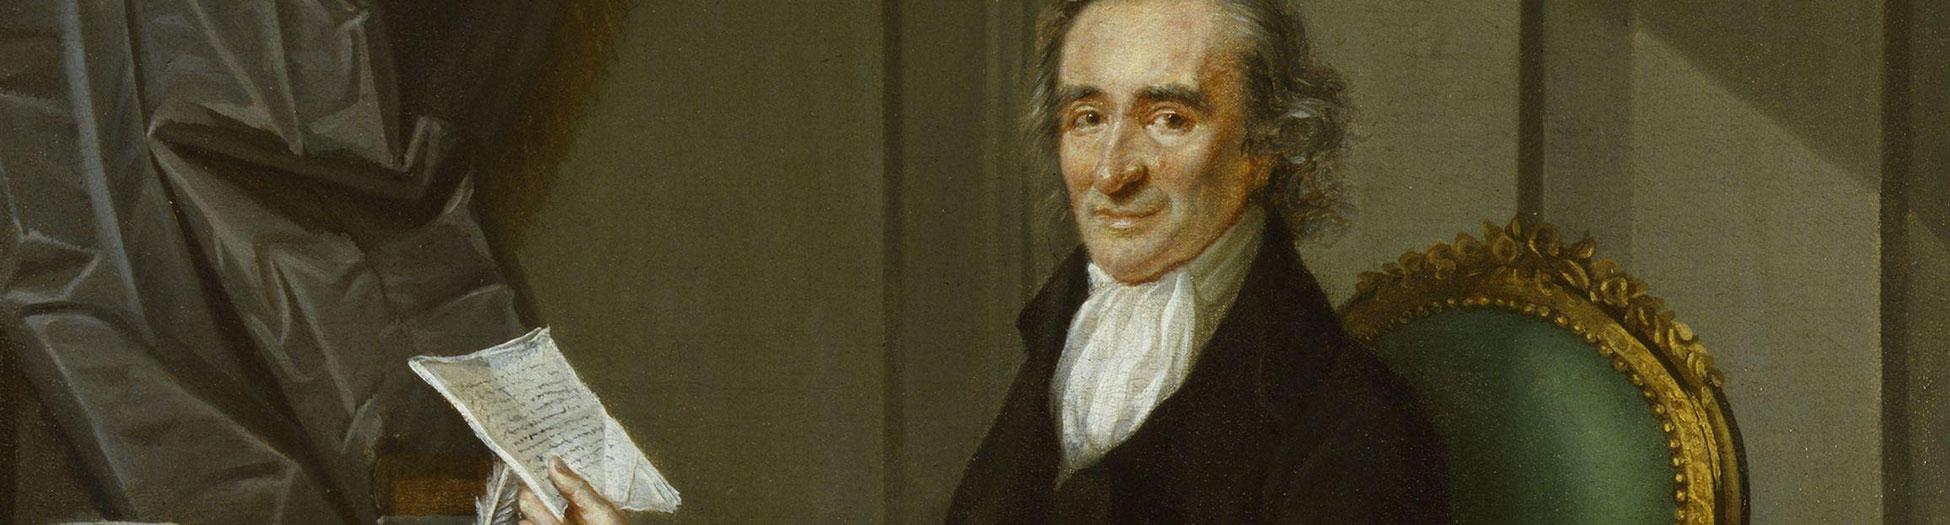 Thomas Paine portrait painting